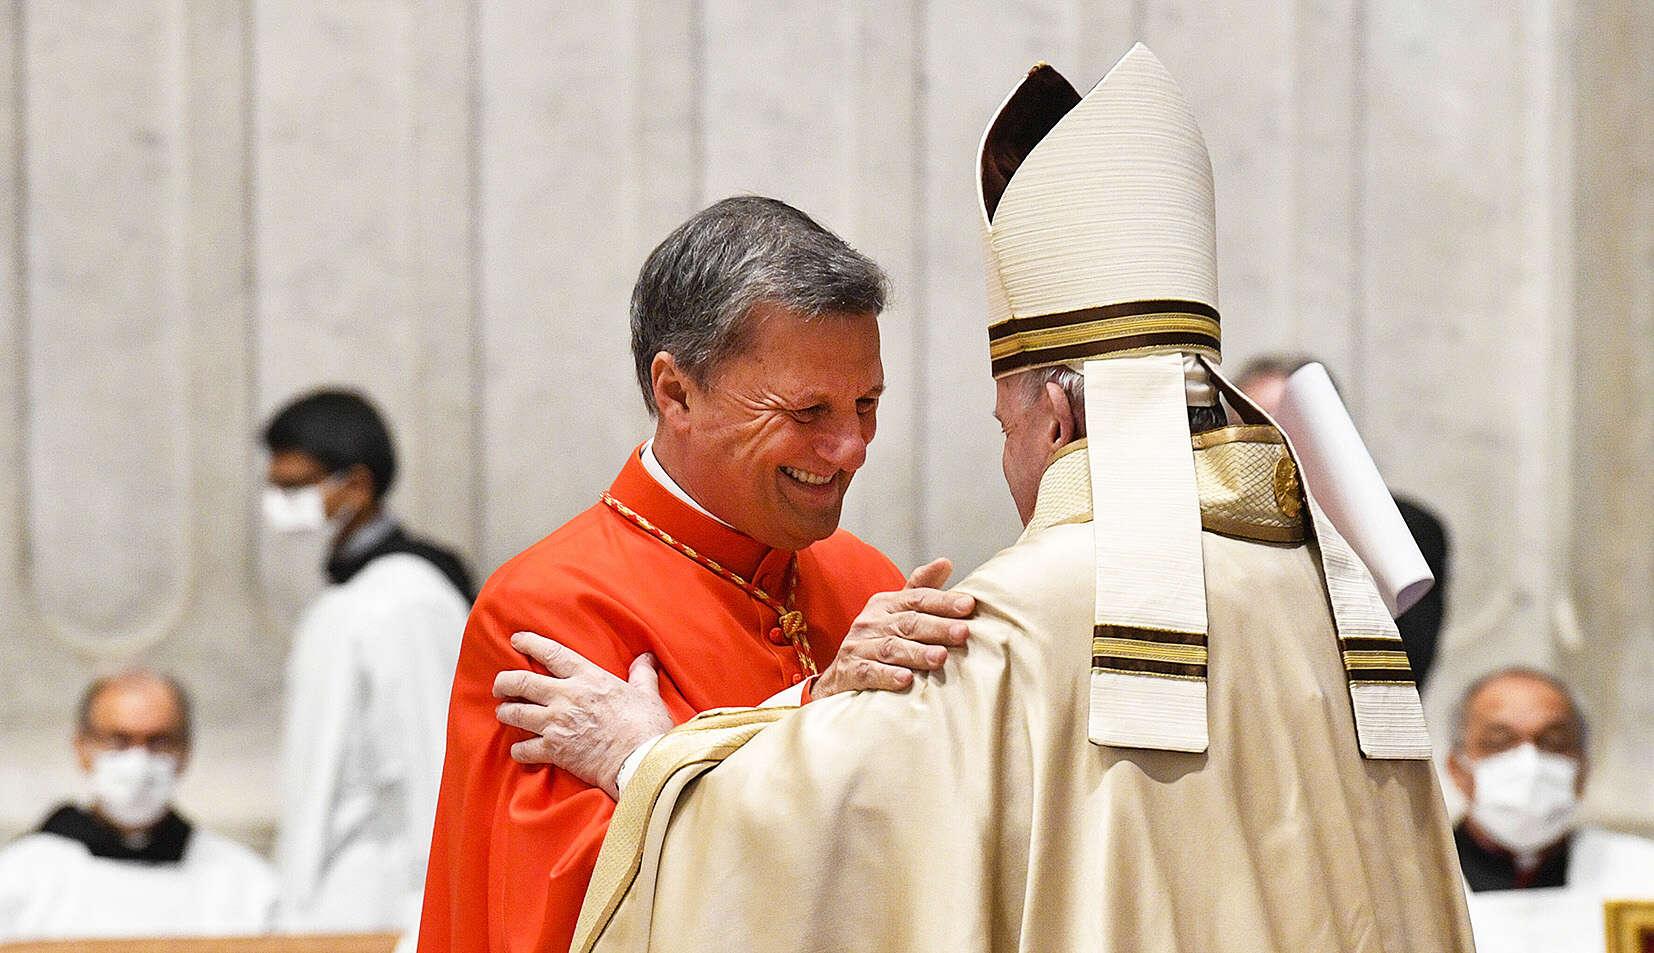 Auf dem Weg zu einer weiteren Synode